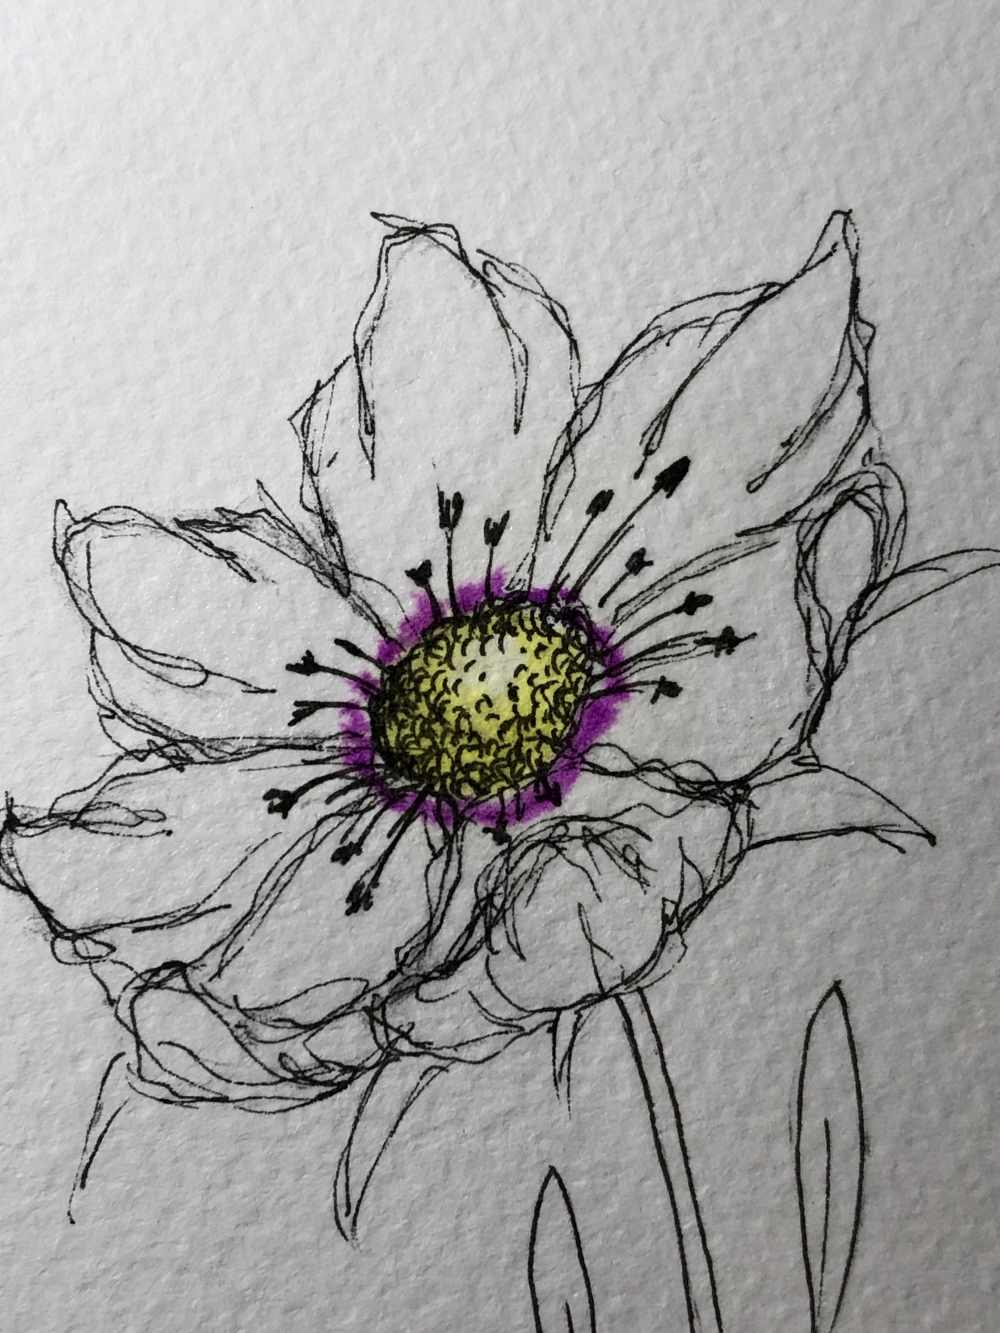 einfaches Ausmalen einer Blumenblüte